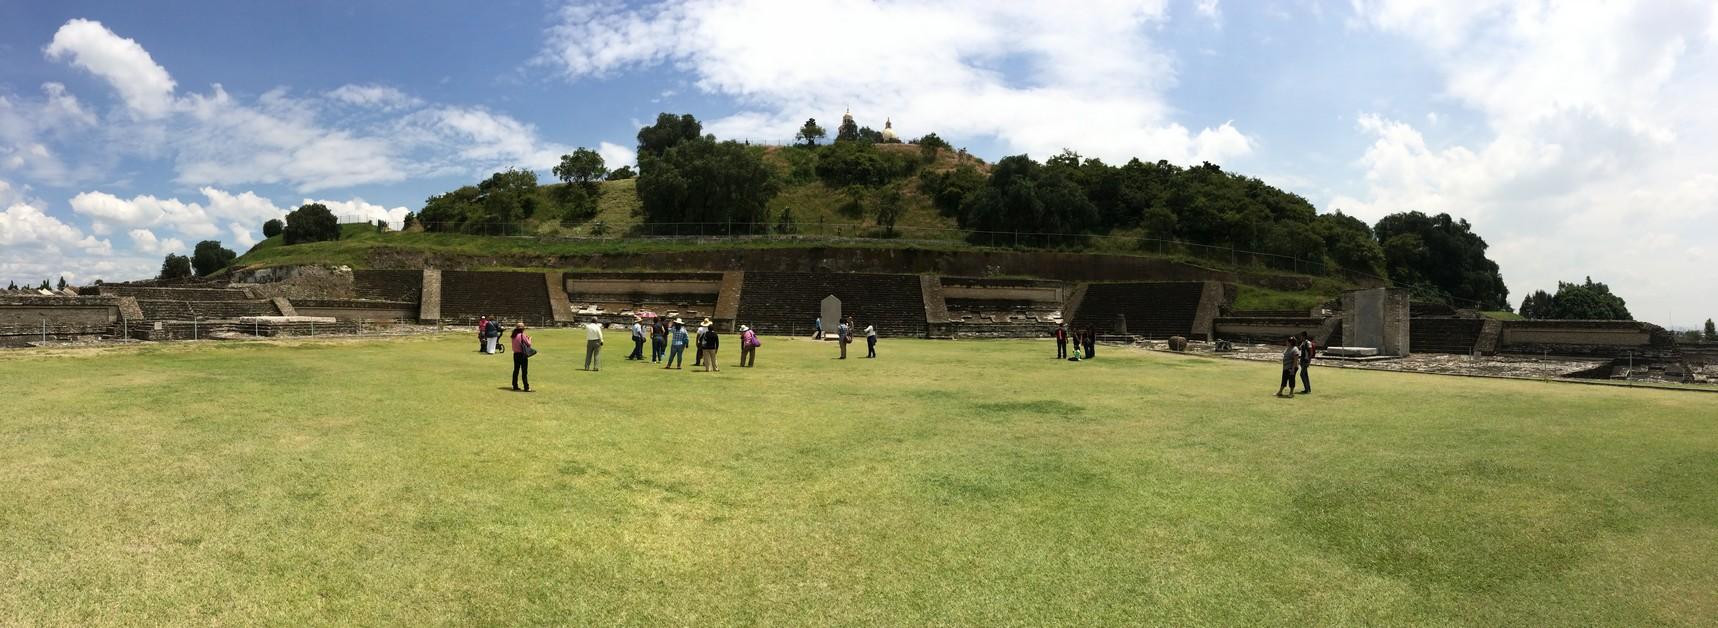 The big lawn at Cholula